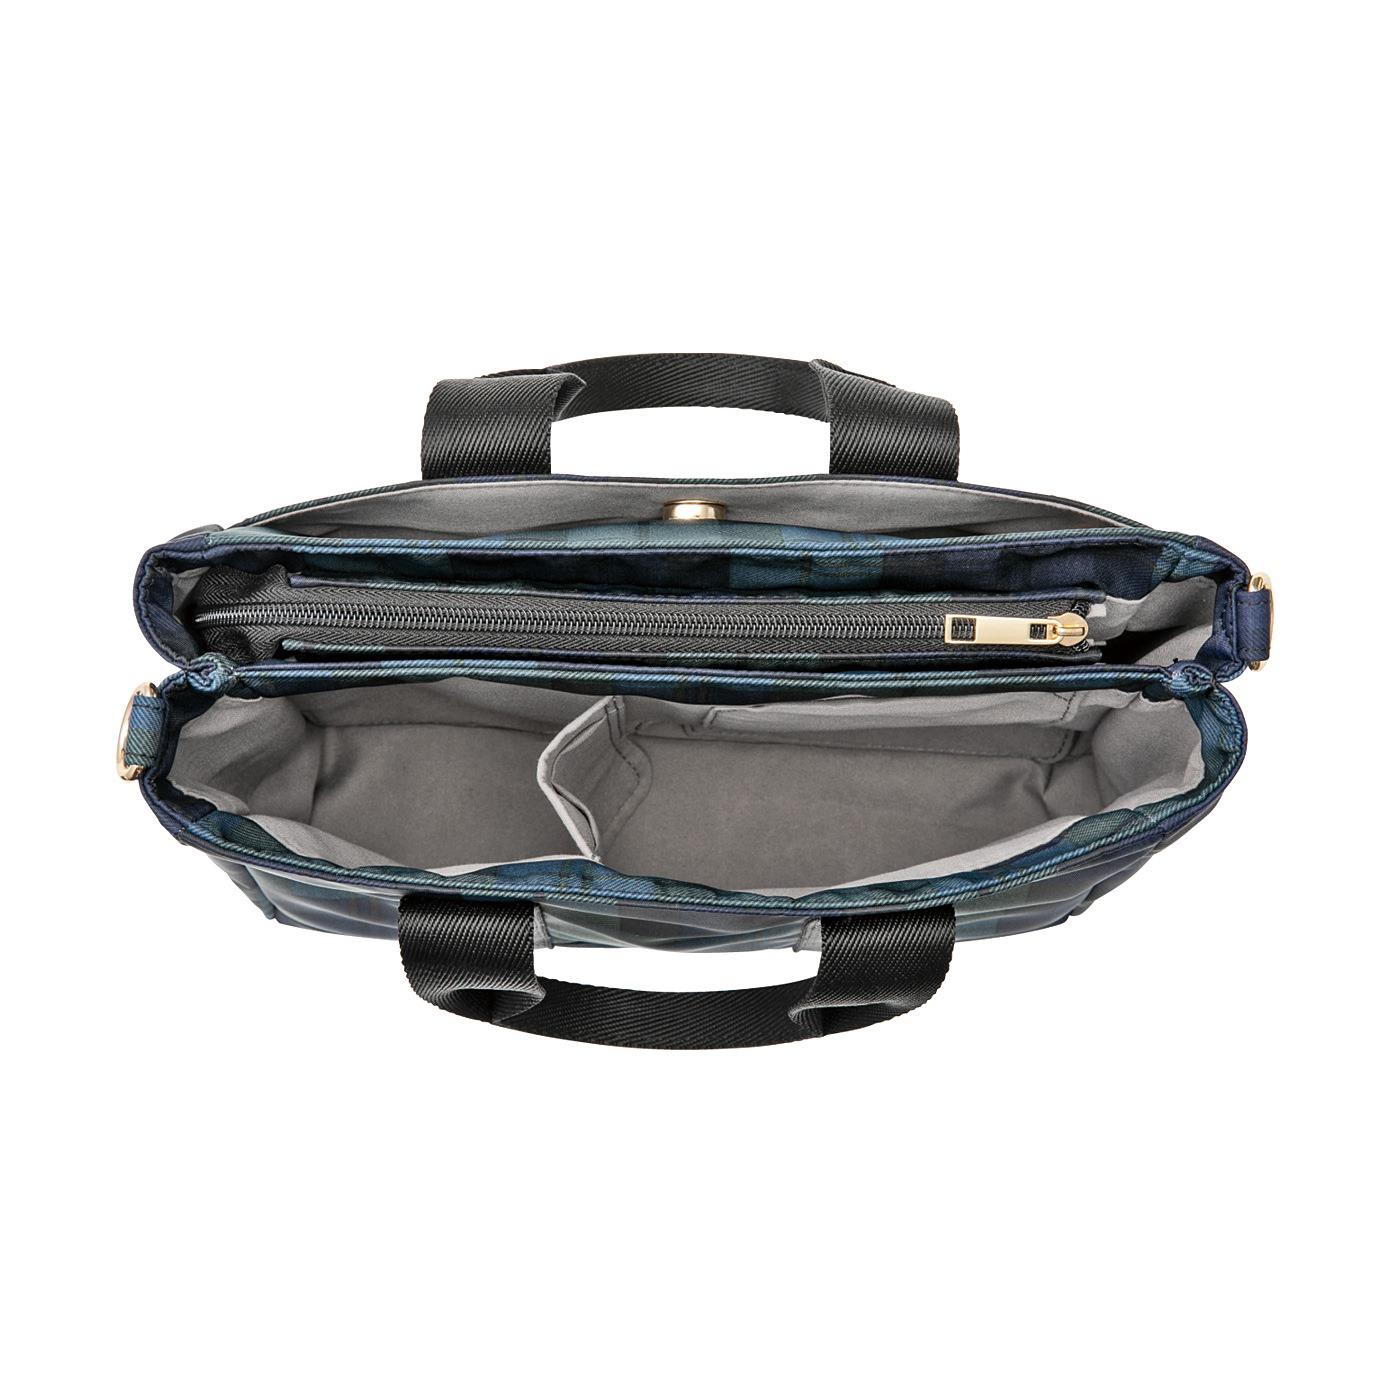 L'AMIPLUS[ラミプリュス] ラミプリュス 荷物を仕切ってすっきり収納 Tトート〈ブラックウォッチ/ミニ〉 大きな仕切りはファスナー付きで目隠しOK。中には内ポケットが2個。